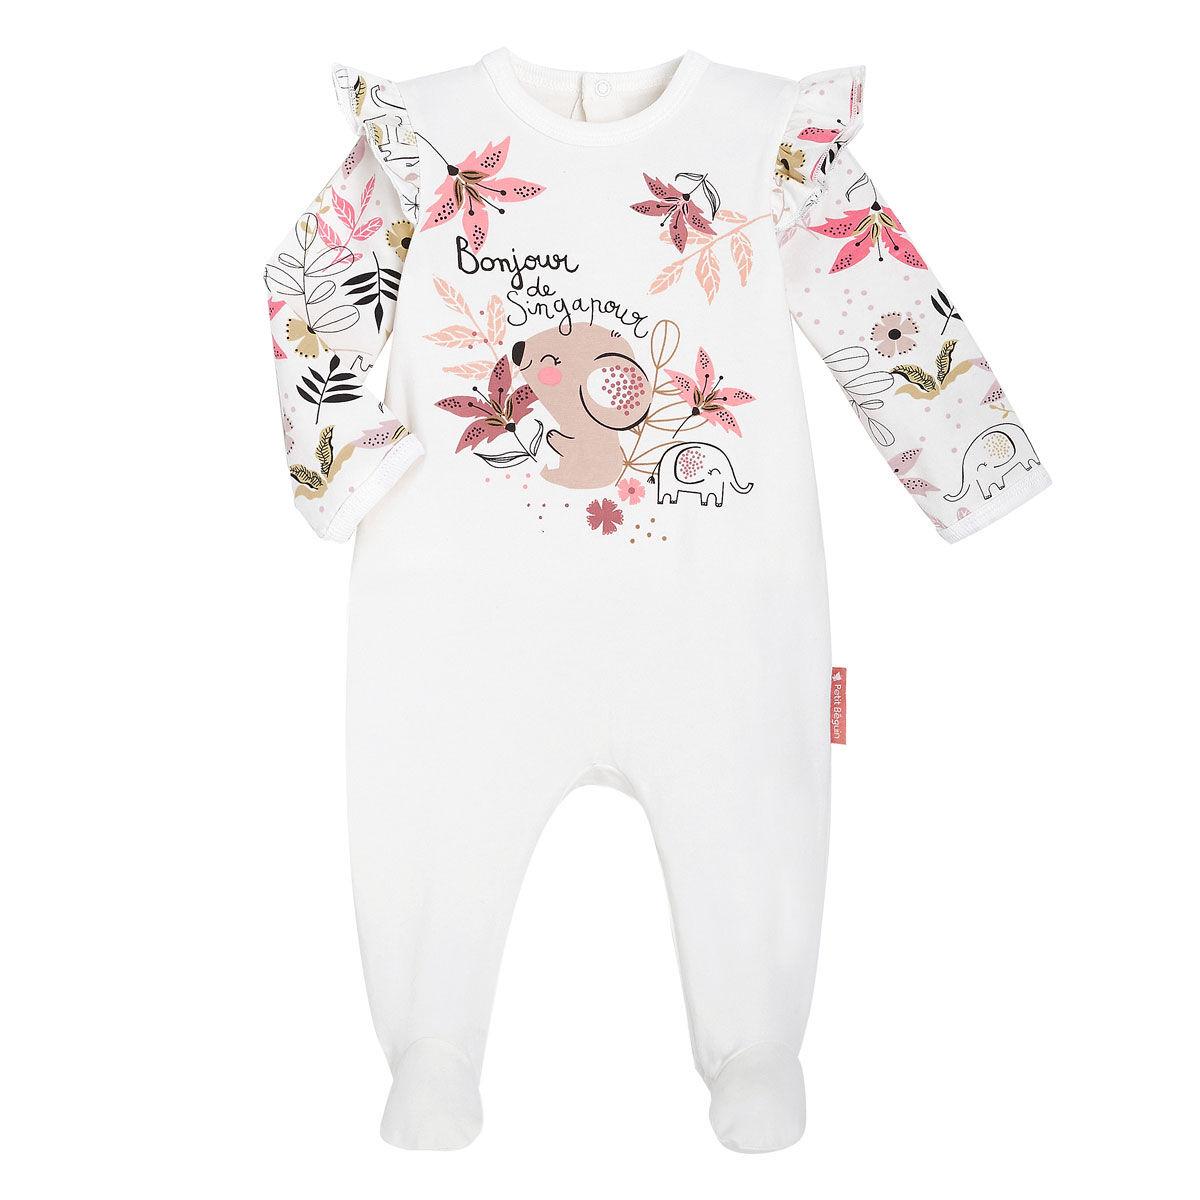 Petit Béguin Pyjama bébé contenant du coton bio Singapour - Taille - 9 mois